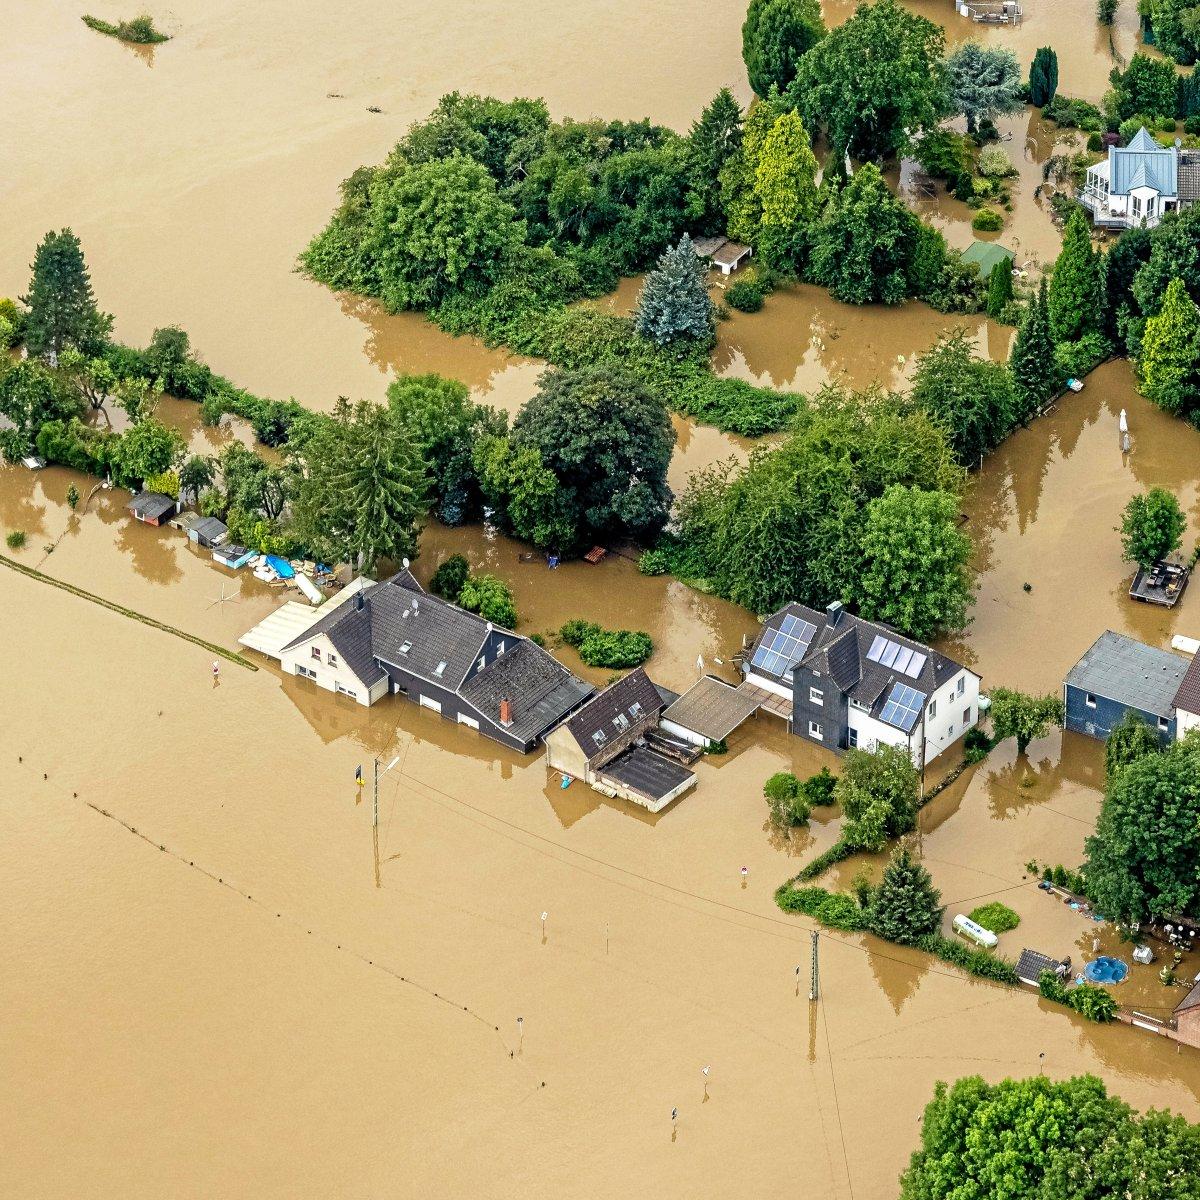 Hochwasser Bochum Luftbilder zeigen Vorher Nachher Vergleich   waz.de